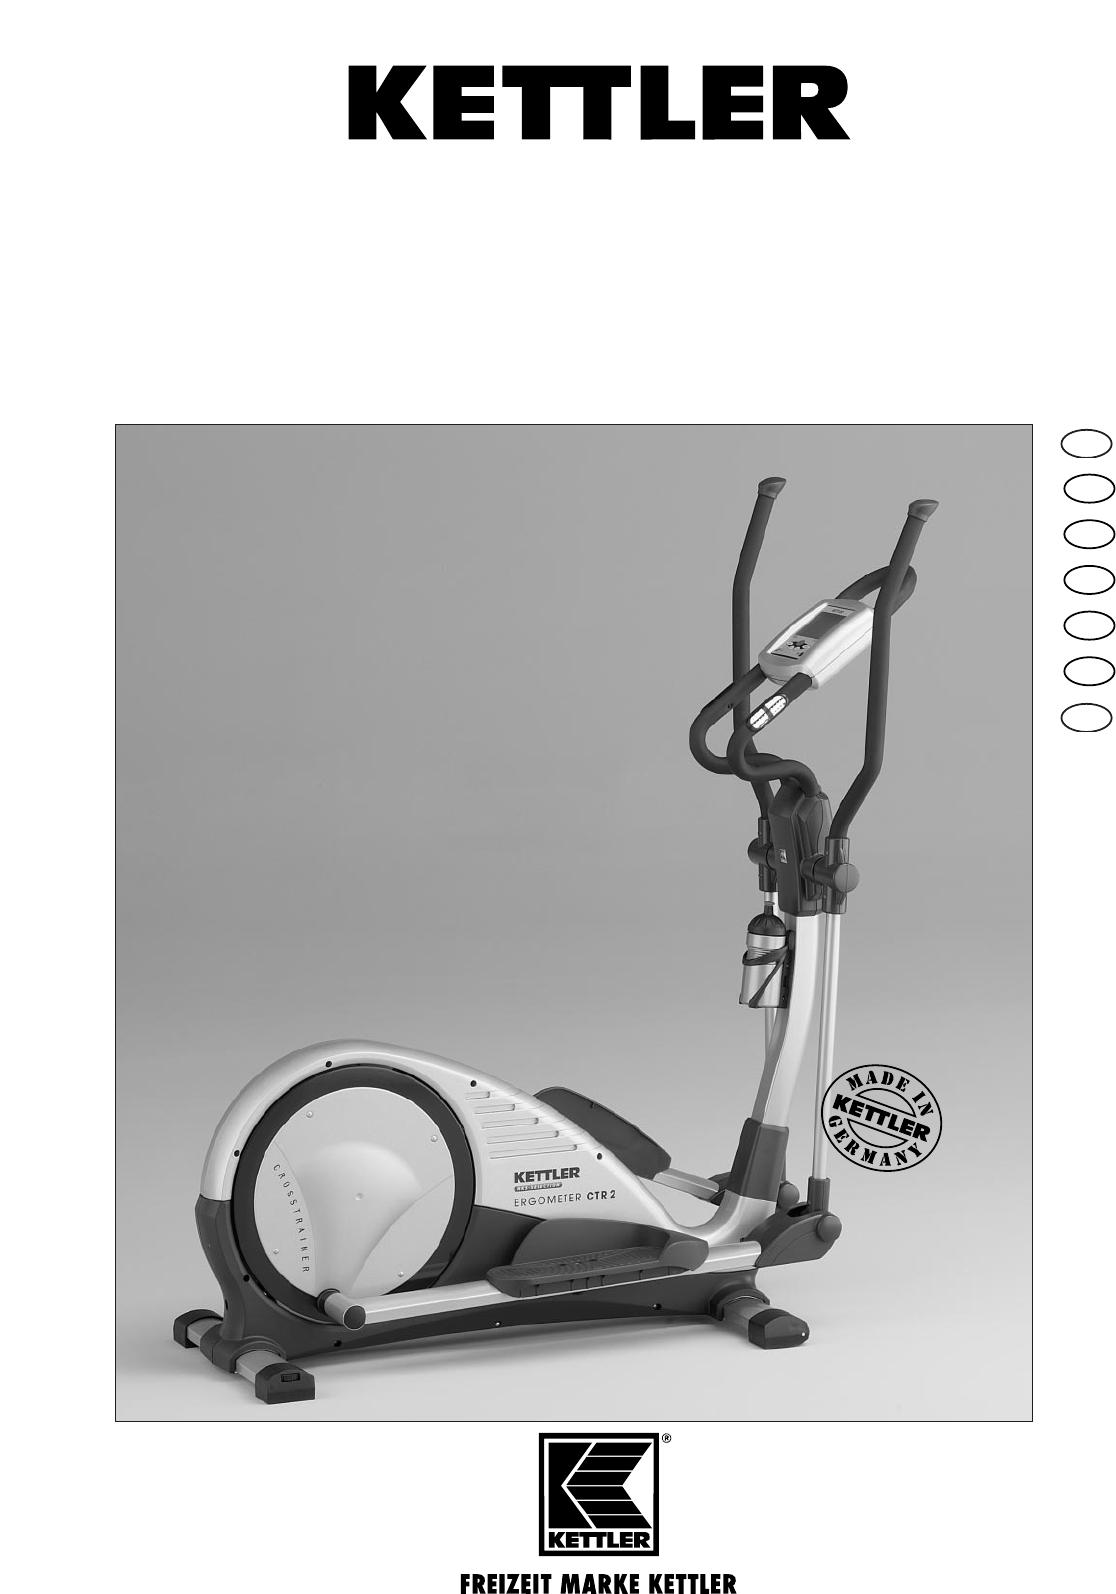 bedienungsanleitung kettler ctr 2 07862 000 seite 1 von 24 deutsch englisch spanisch. Black Bedroom Furniture Sets. Home Design Ideas